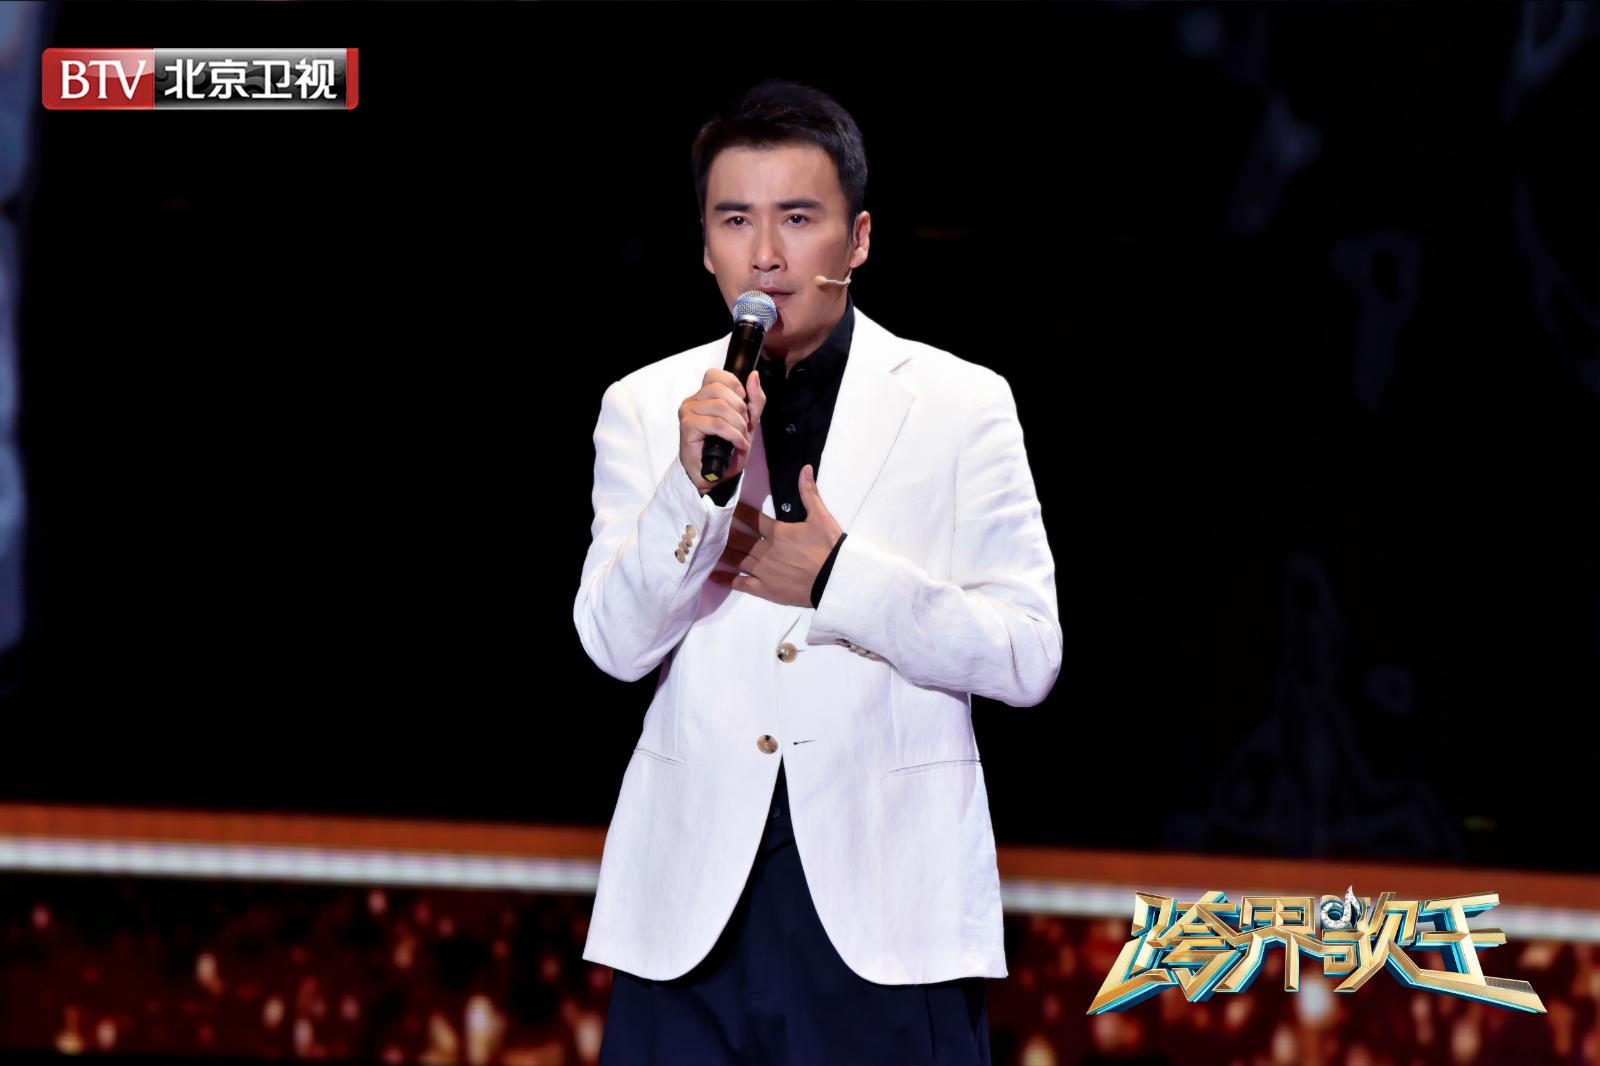 柳云龙导演亮相《跨界歌王》 携手嘉宾共唱祖国壮丽七十年